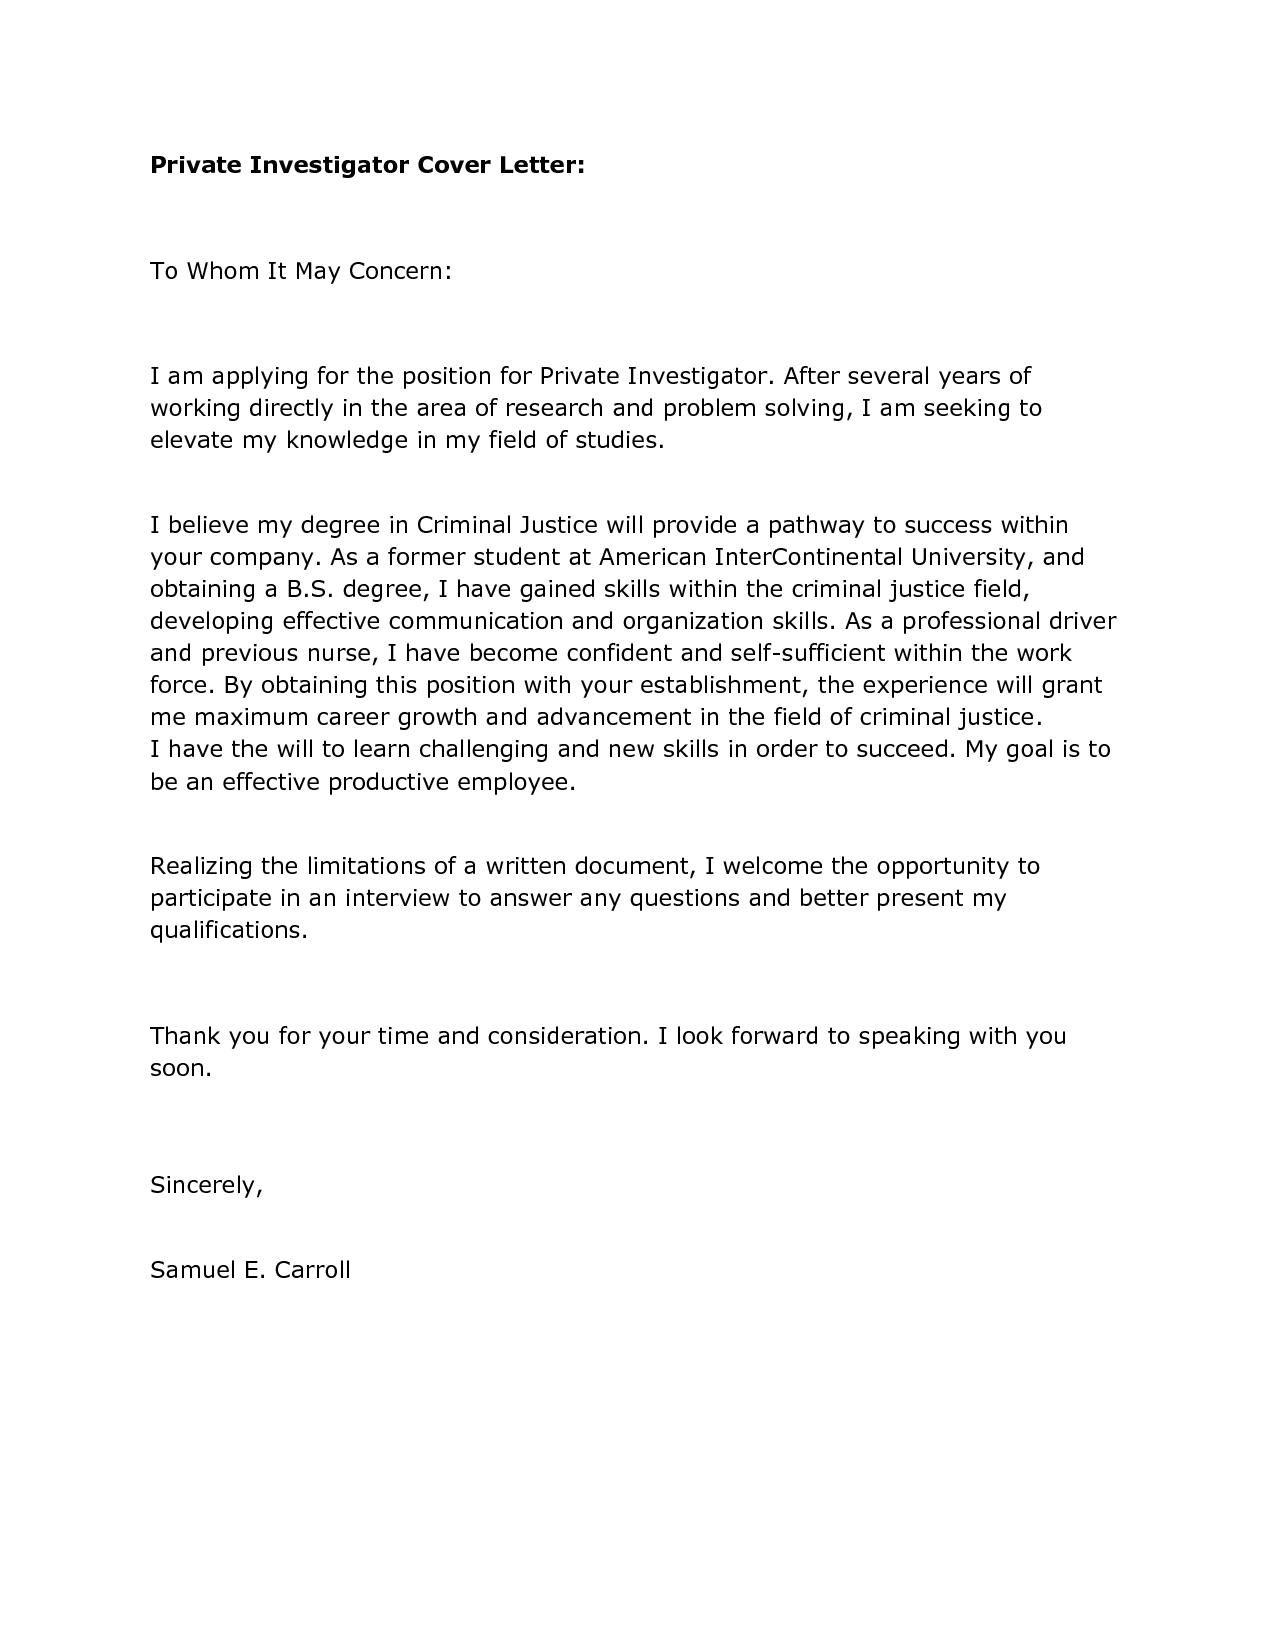 Cover Letter For Internship Position Criminal Justice